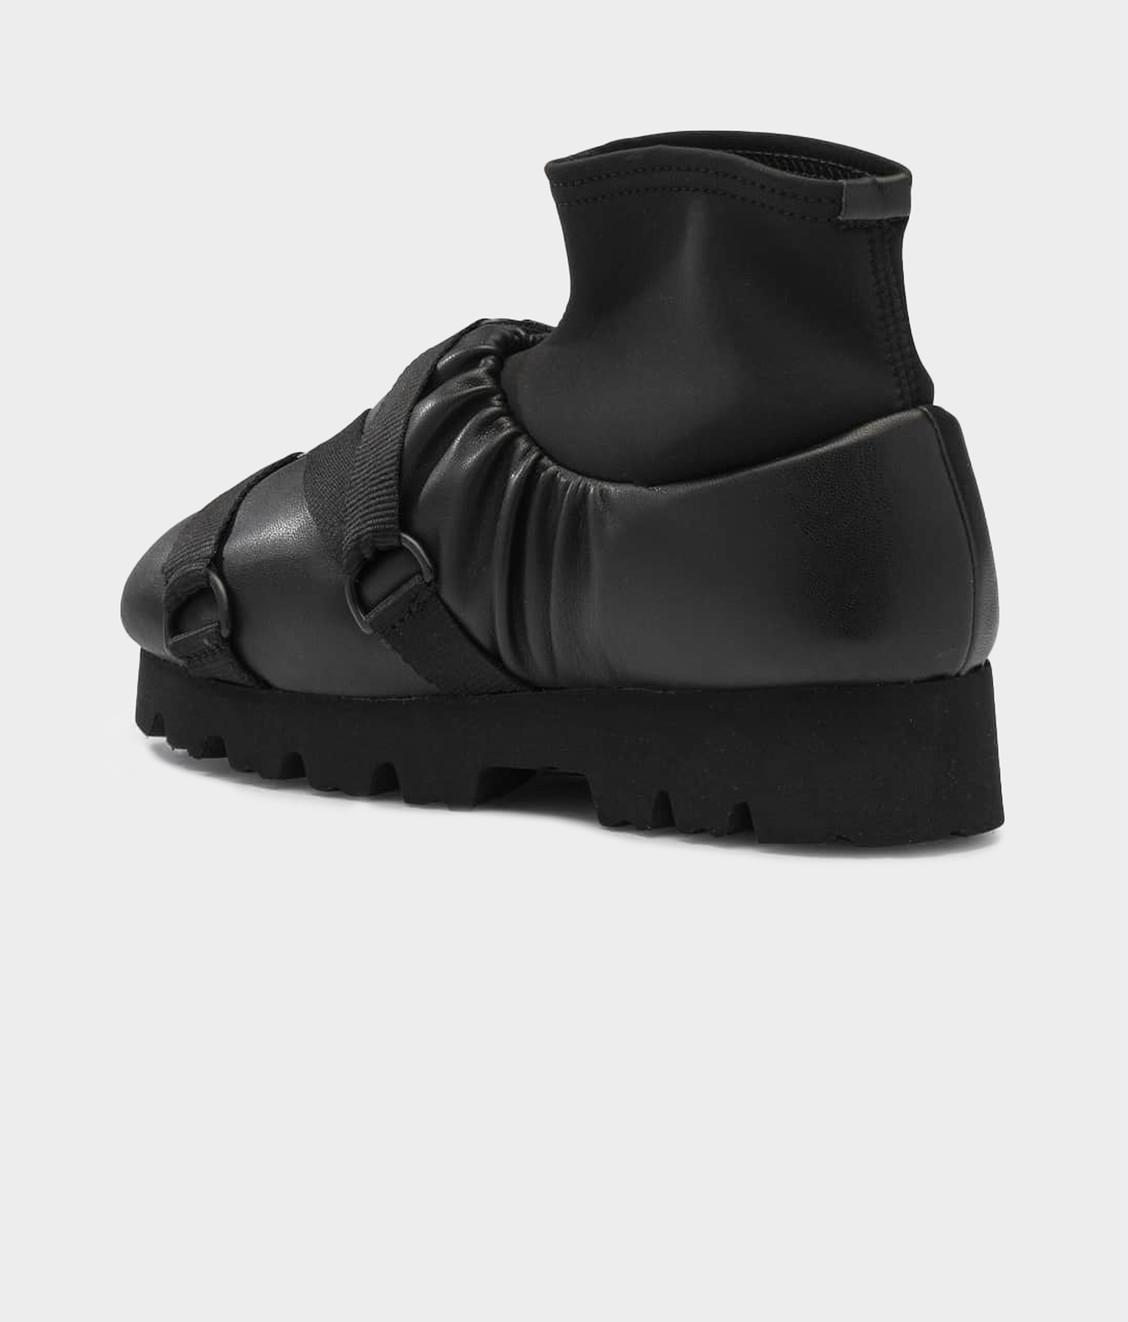 Yume Yume Yume Yume Camp Shoe Mid Black